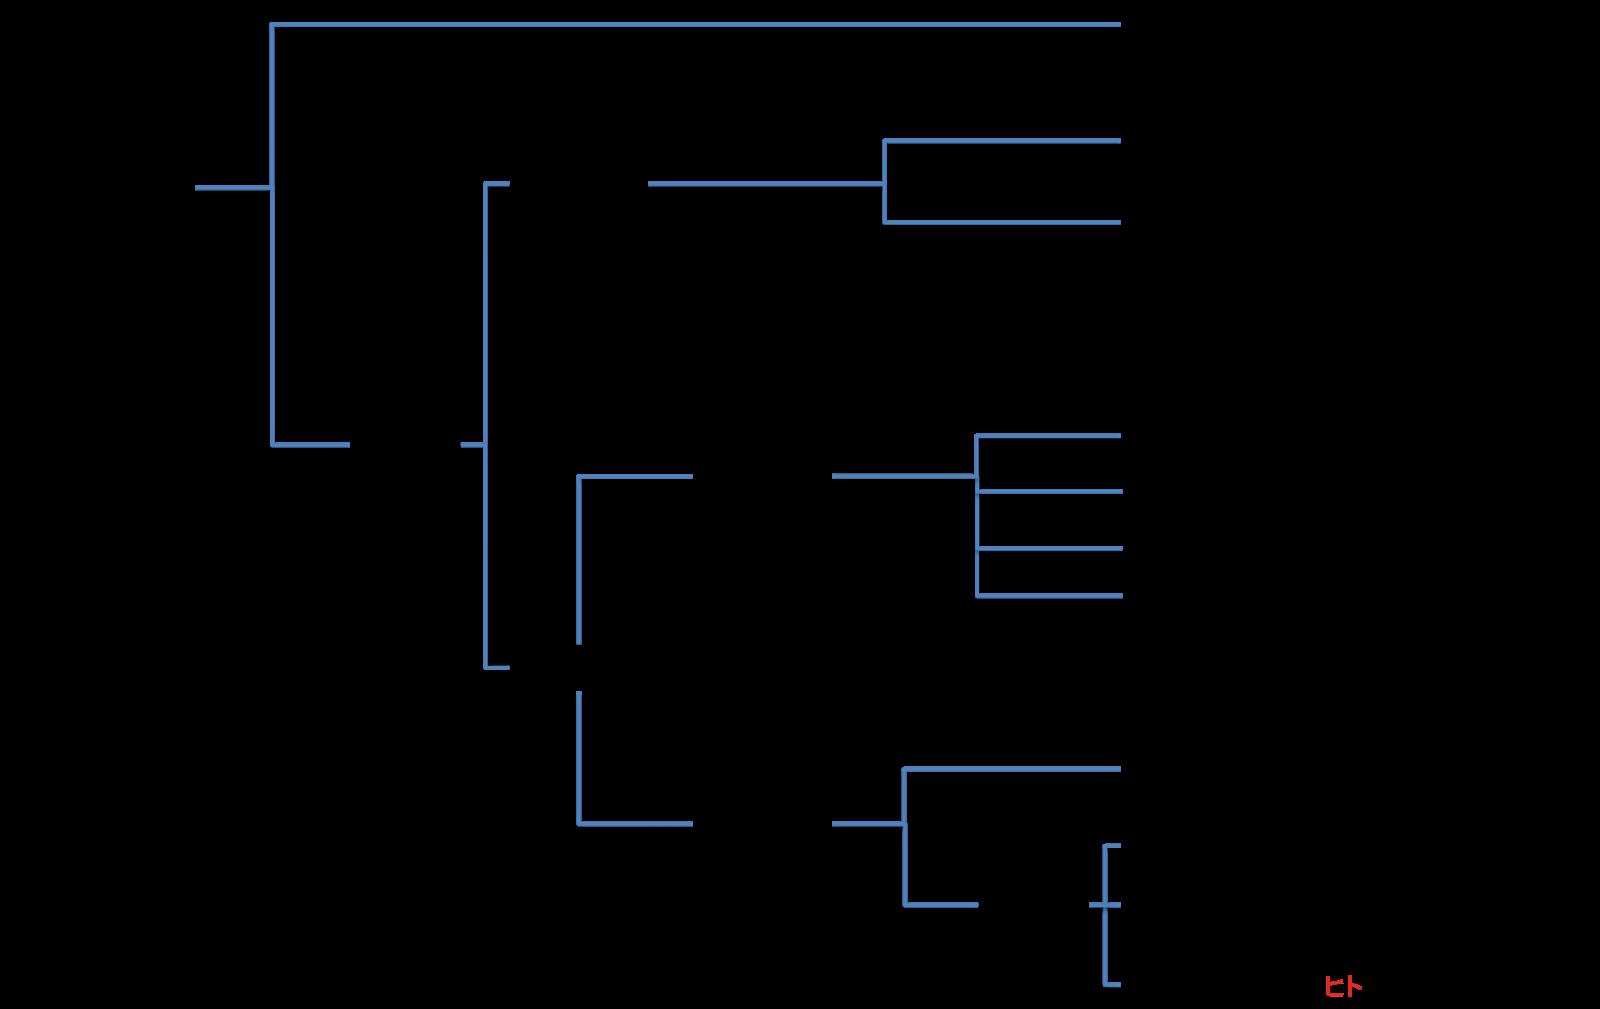 ヒトの生物の区分としては ... : 脊椎動物 分類 : すべての講義